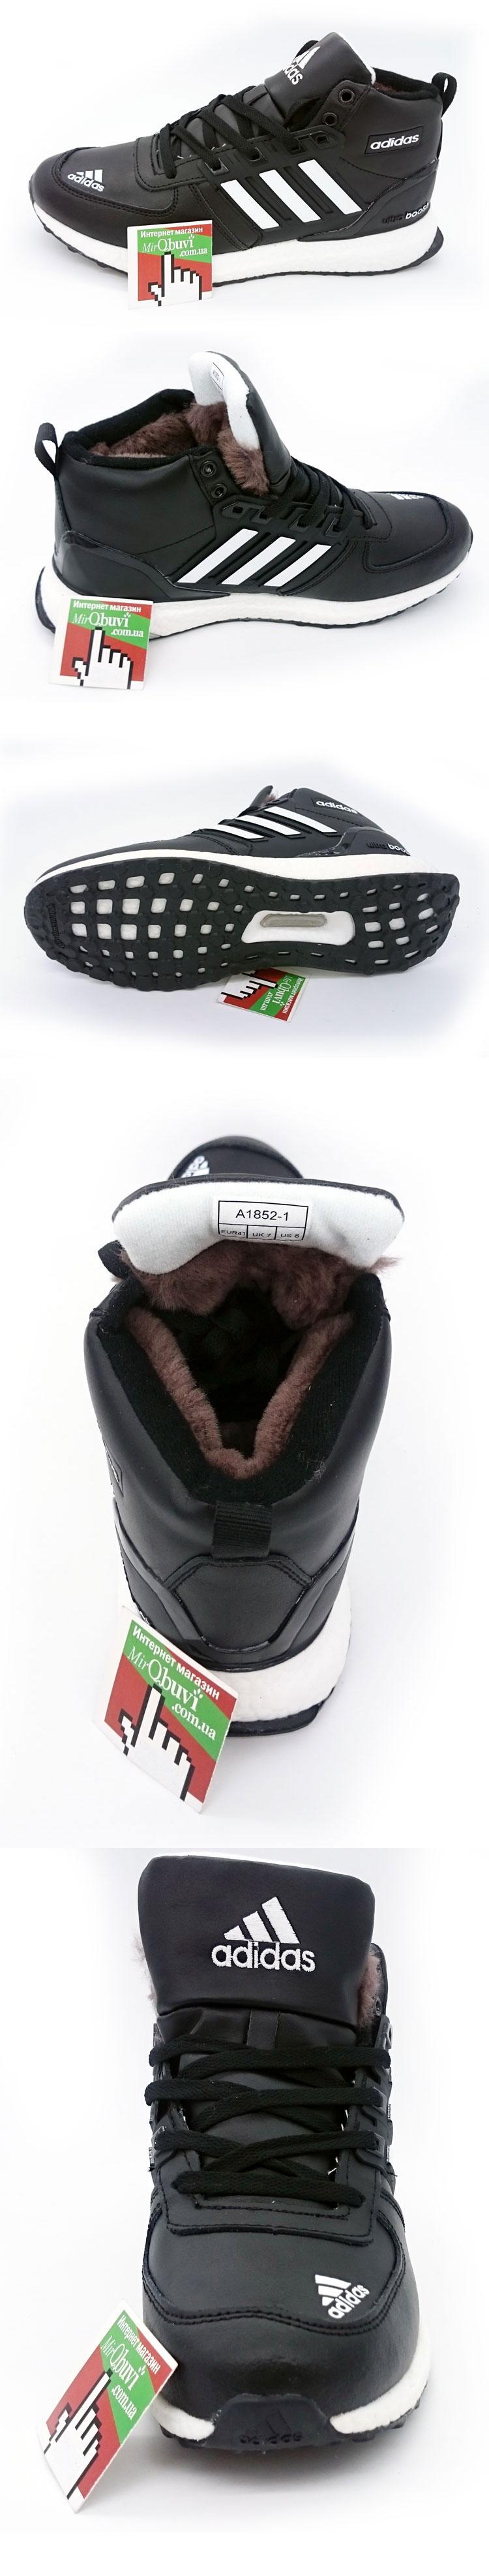 большое фото №5 Зимние мужские кроссовки Adidas Ultra boost черные с мехом